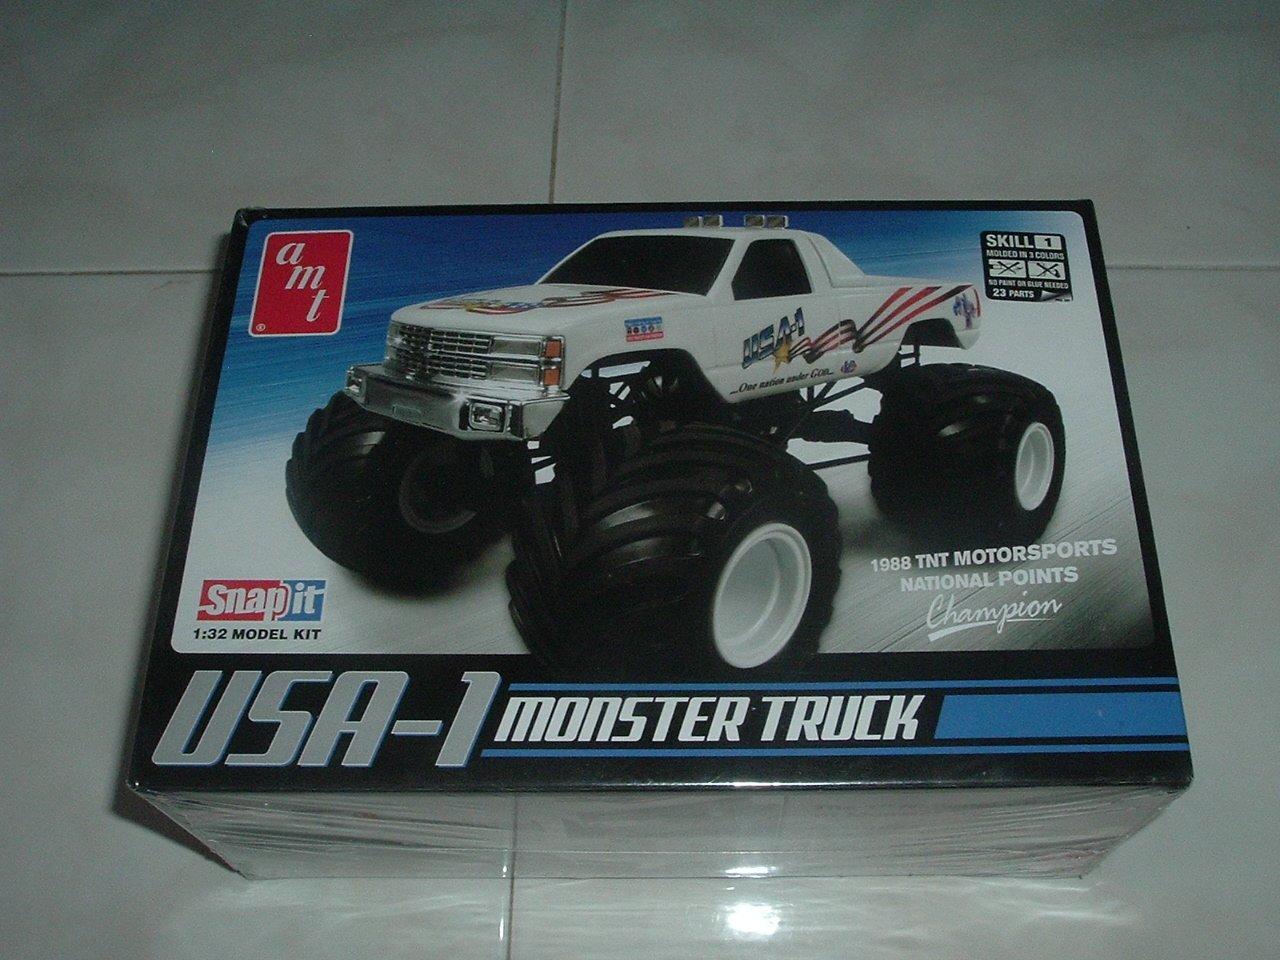 USA-1 Monster Truck  Model Kit